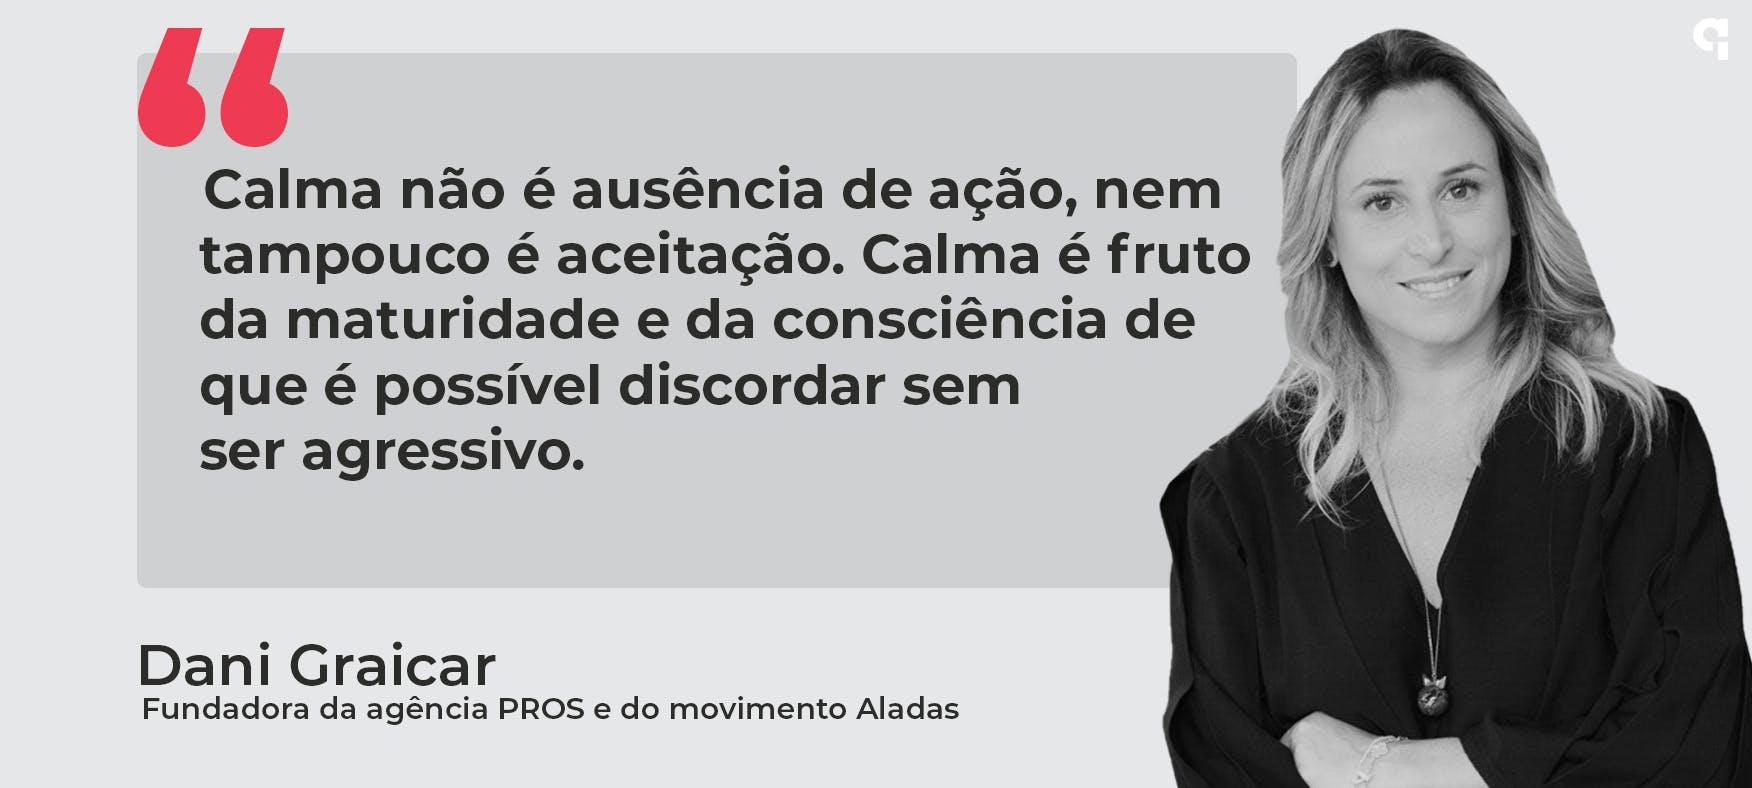 Dani Graciar, fundadora da Agência PROS e do movimento Aladas